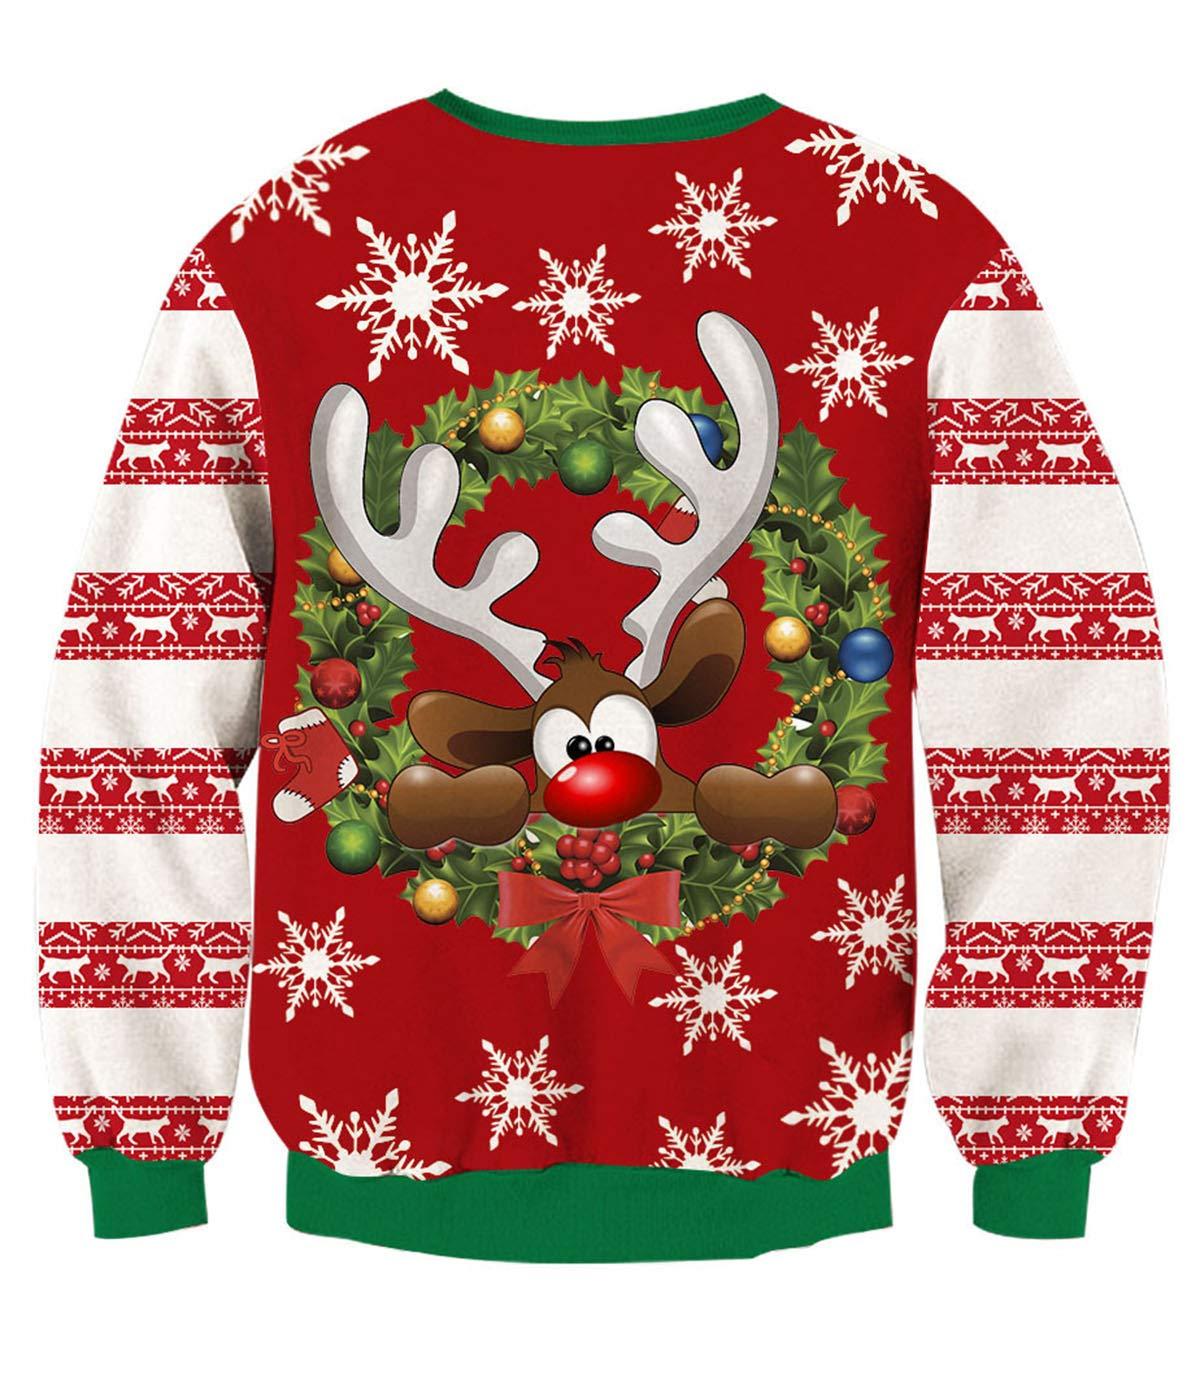 TUONROAD 3D Gedruckt Sternenhimmel Faultier Ugly Pullover Weihnachten Xmas Weihnachtspullover SüßIgkeit Socken Geschenk Retro HäSslich Weihnachten Pullover Rundhals Langarmshirt